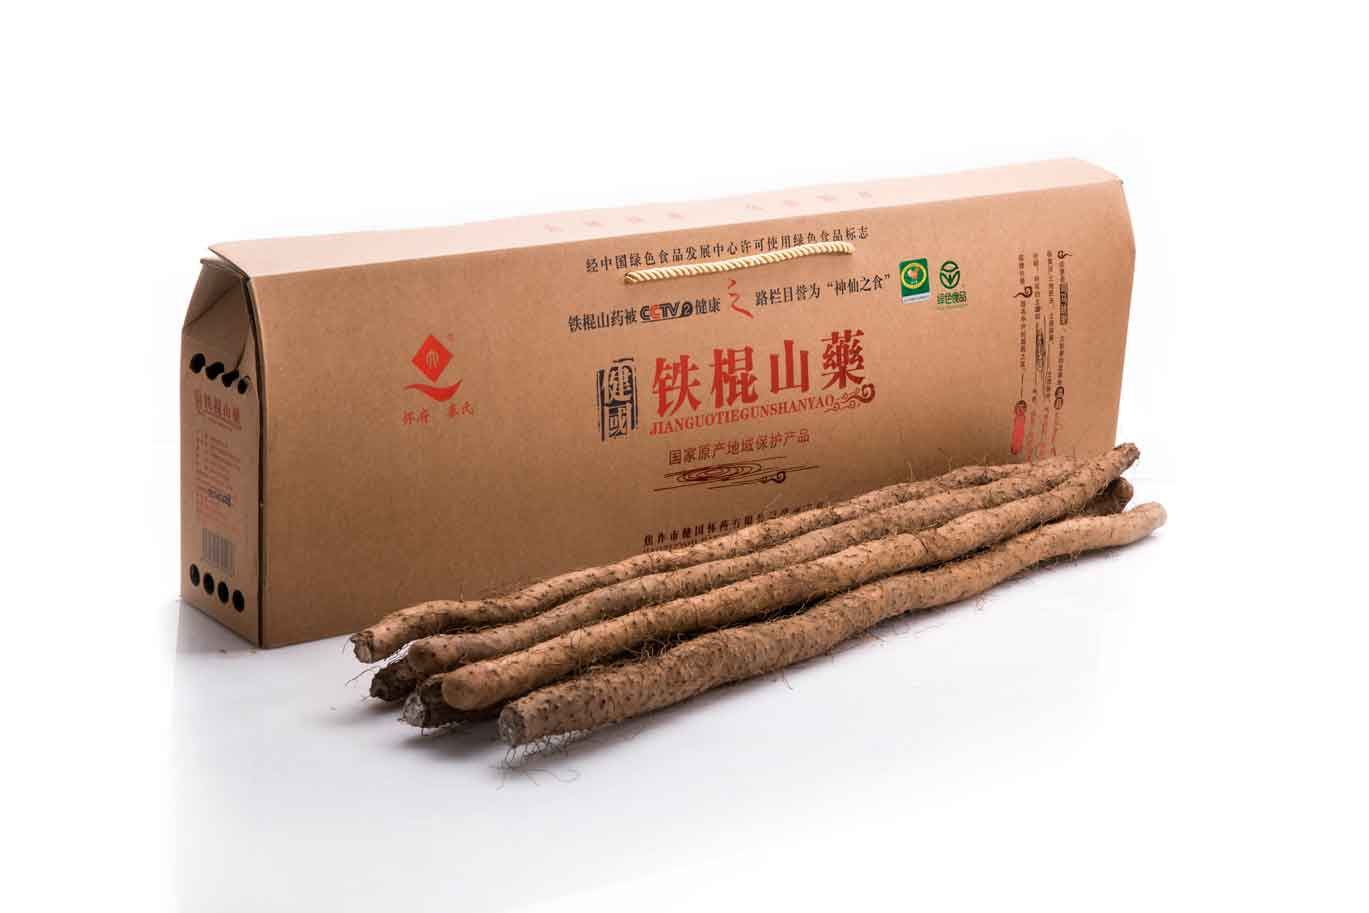 供应用于保健食材的健国怀药6斤铁棍山药礼盒包装